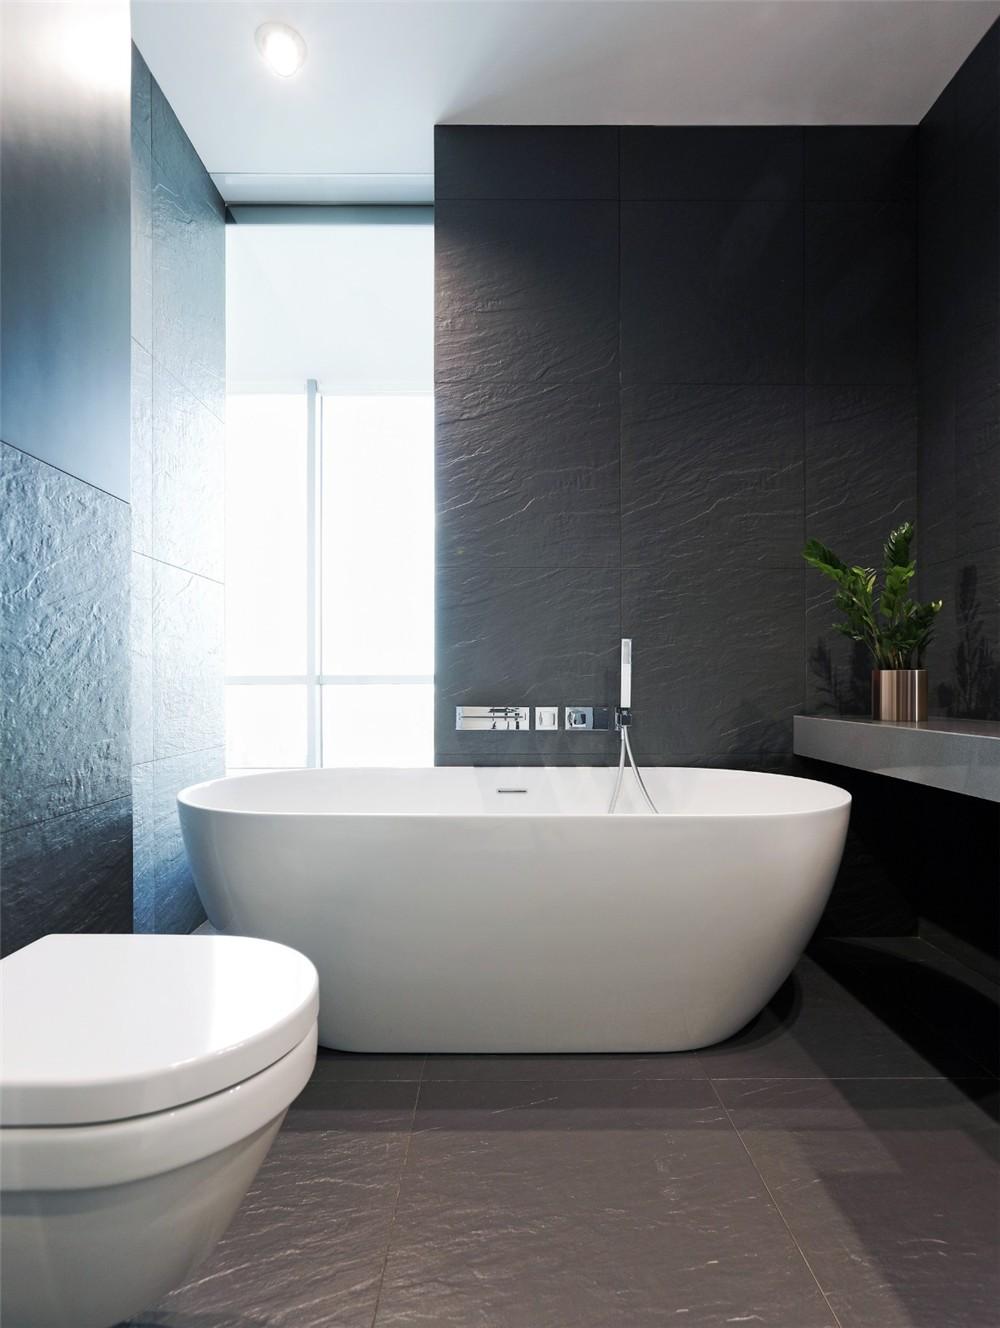 2021现代简约浴室设计图片 2021现代简约浴缸装修设计